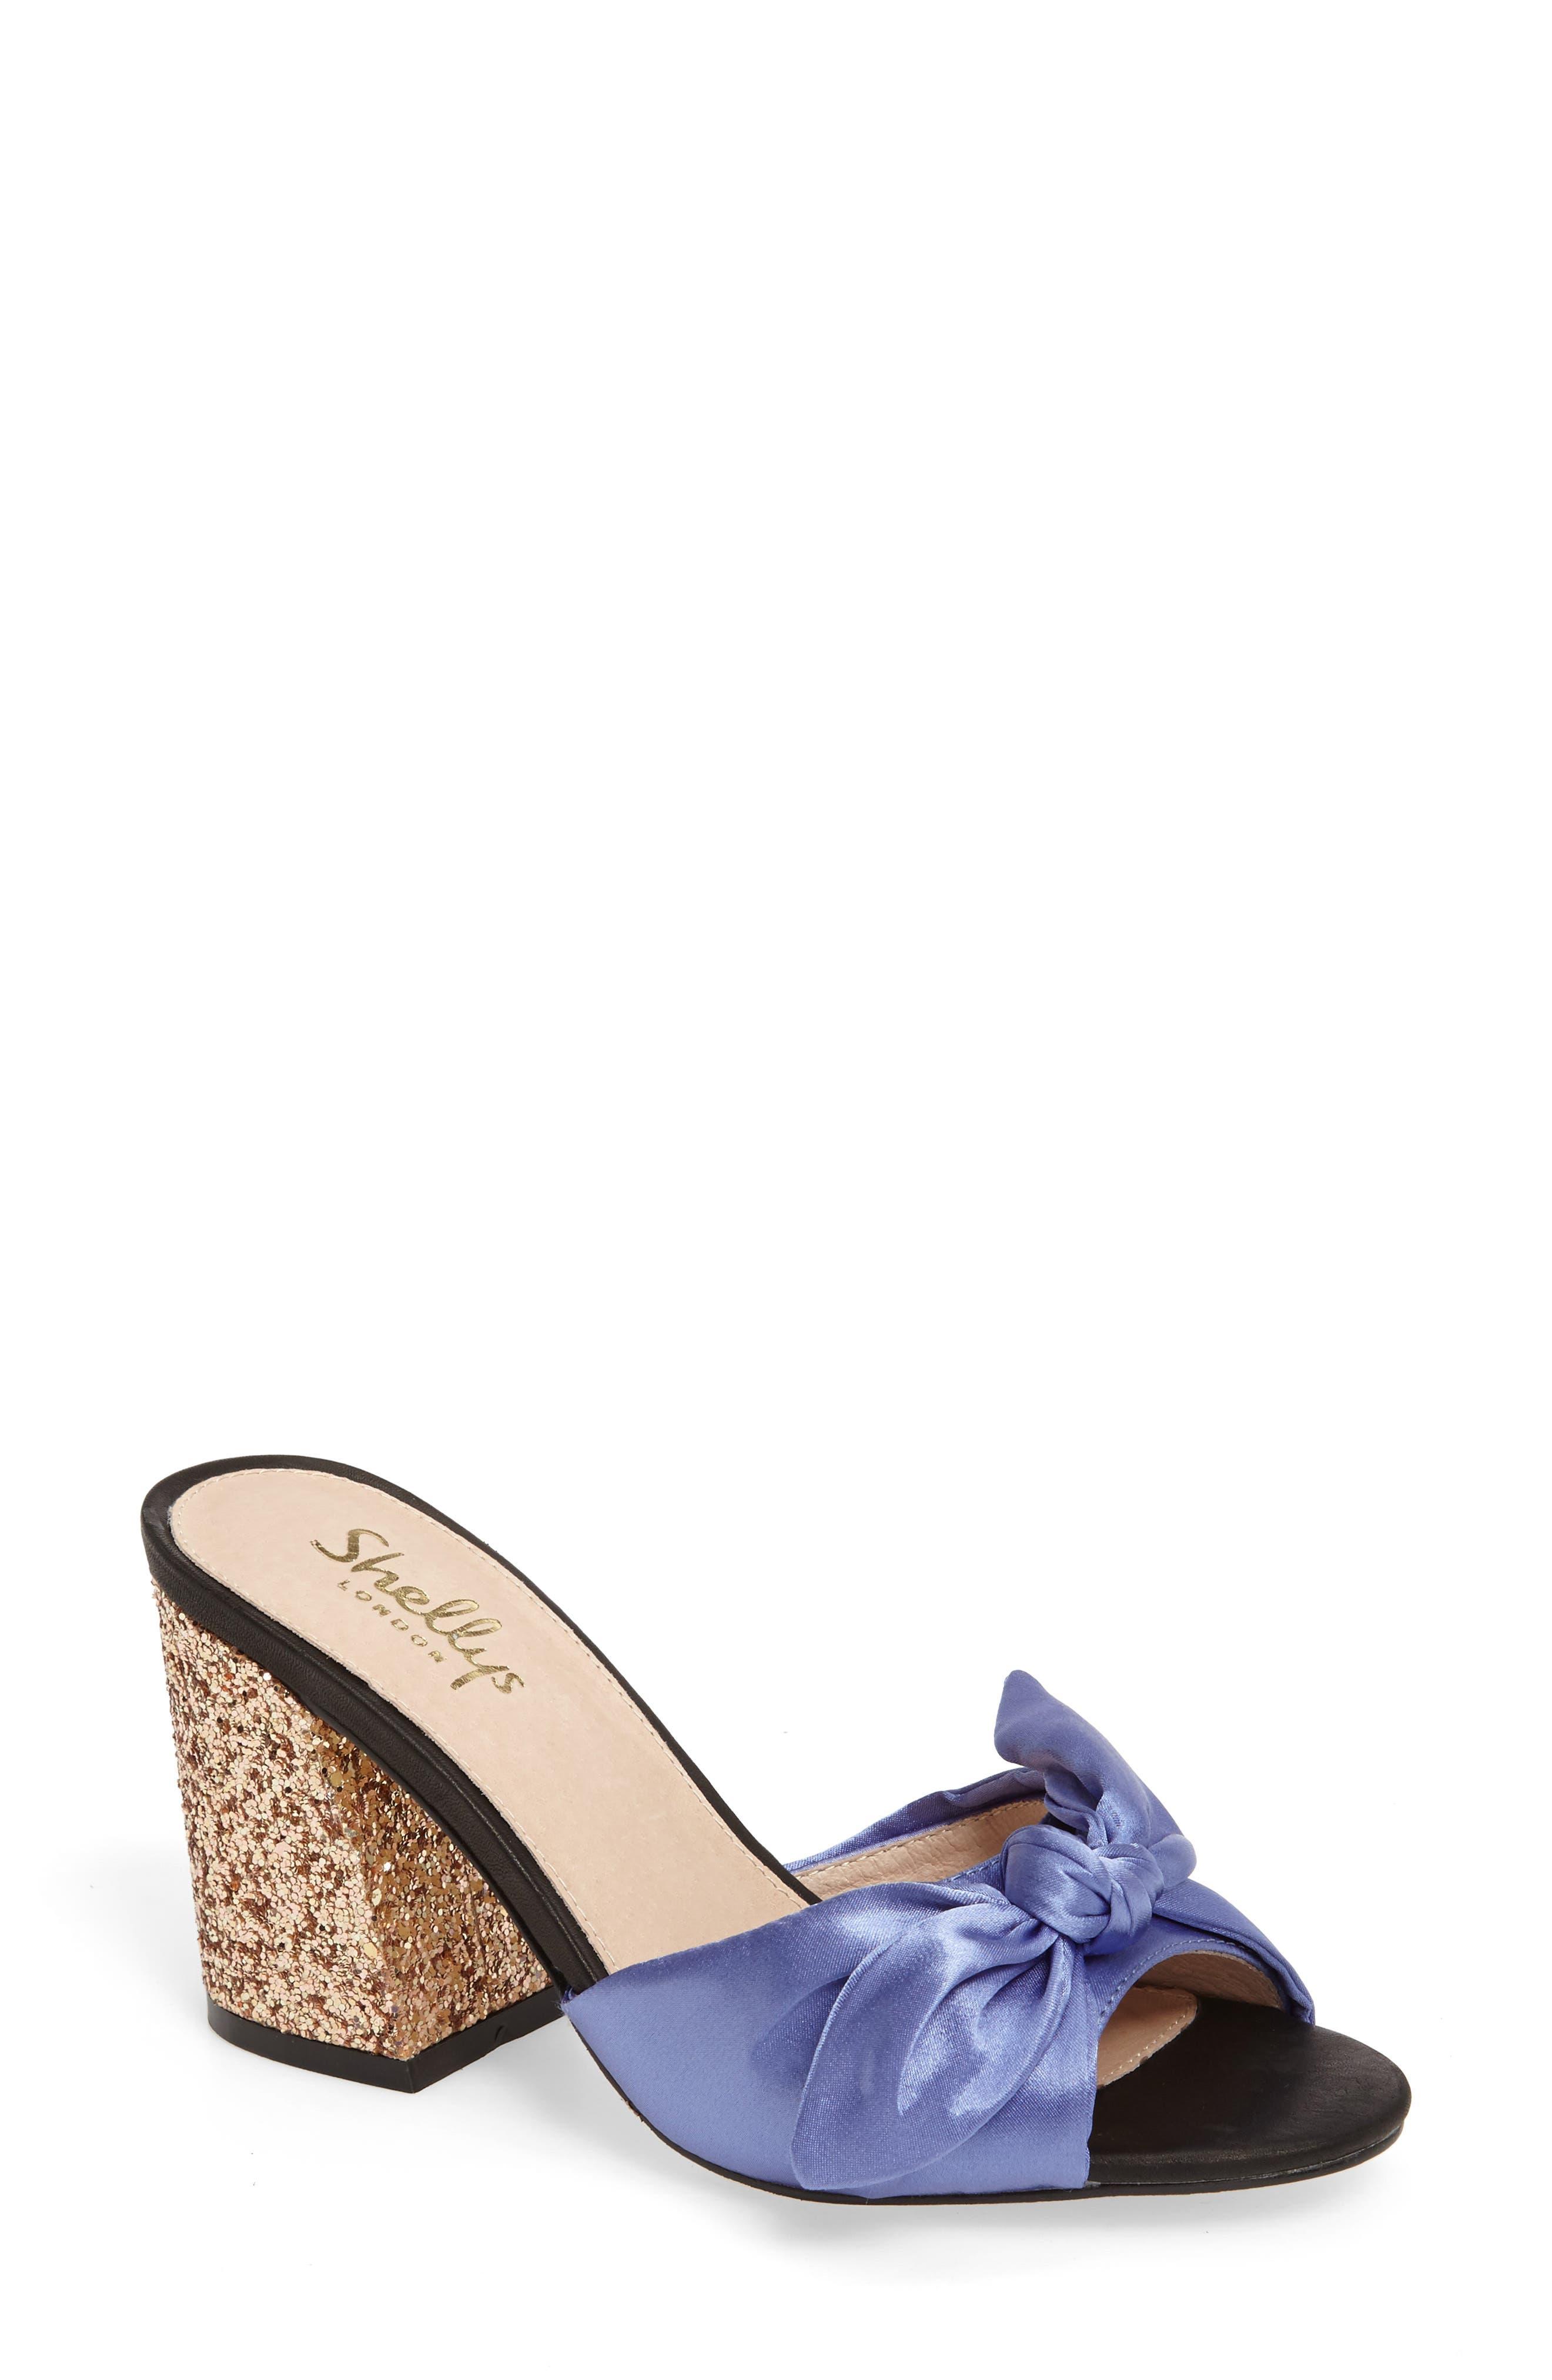 SHELLYS LONDON Dannell Slide Sandal